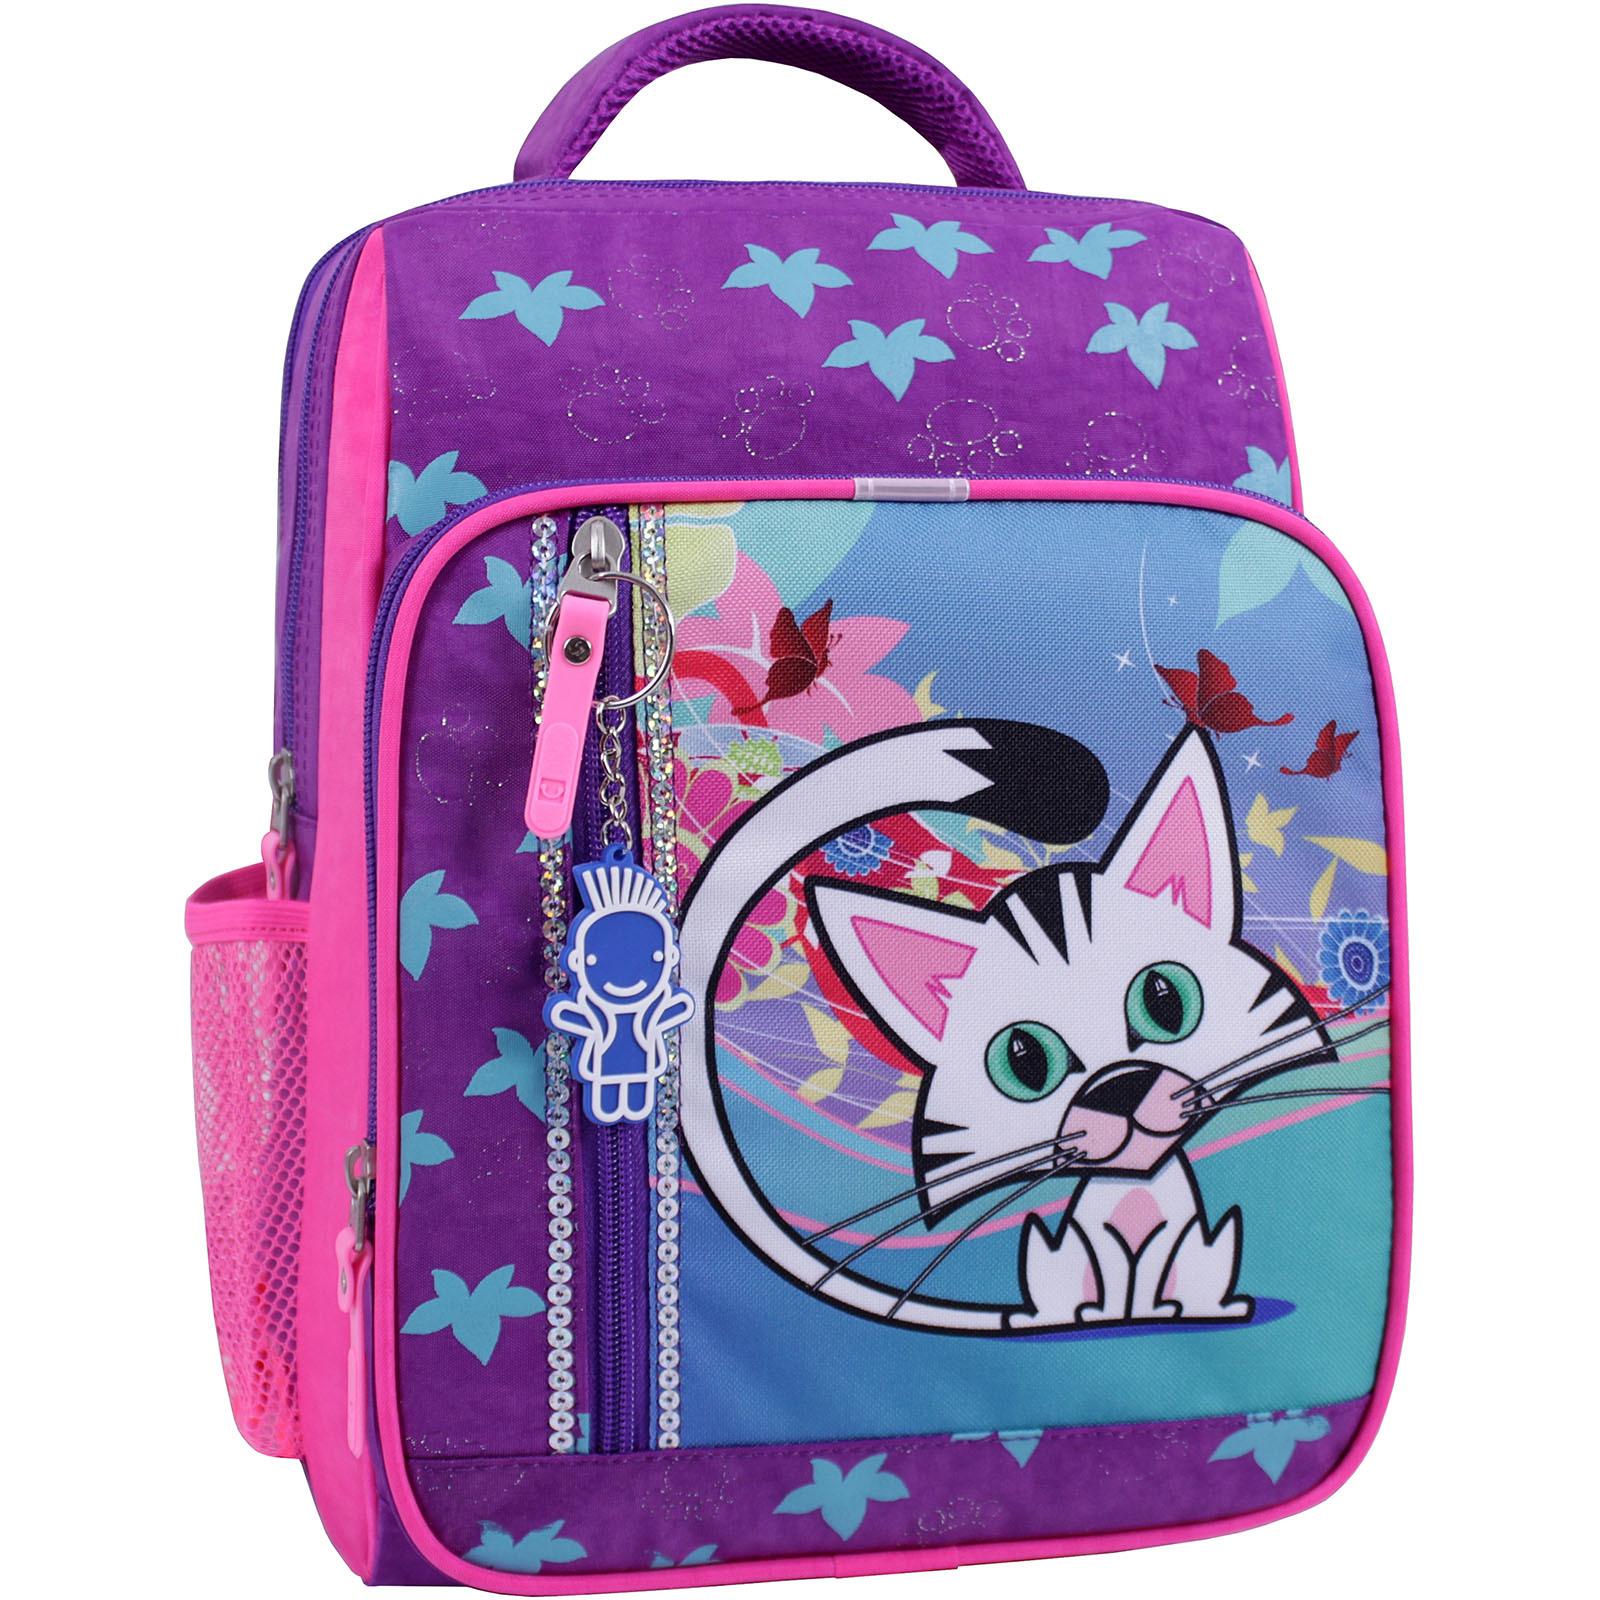 Рюкзак школьный Bagland Школьник 8 л. фиолетовый 502 (0012870) фото 1